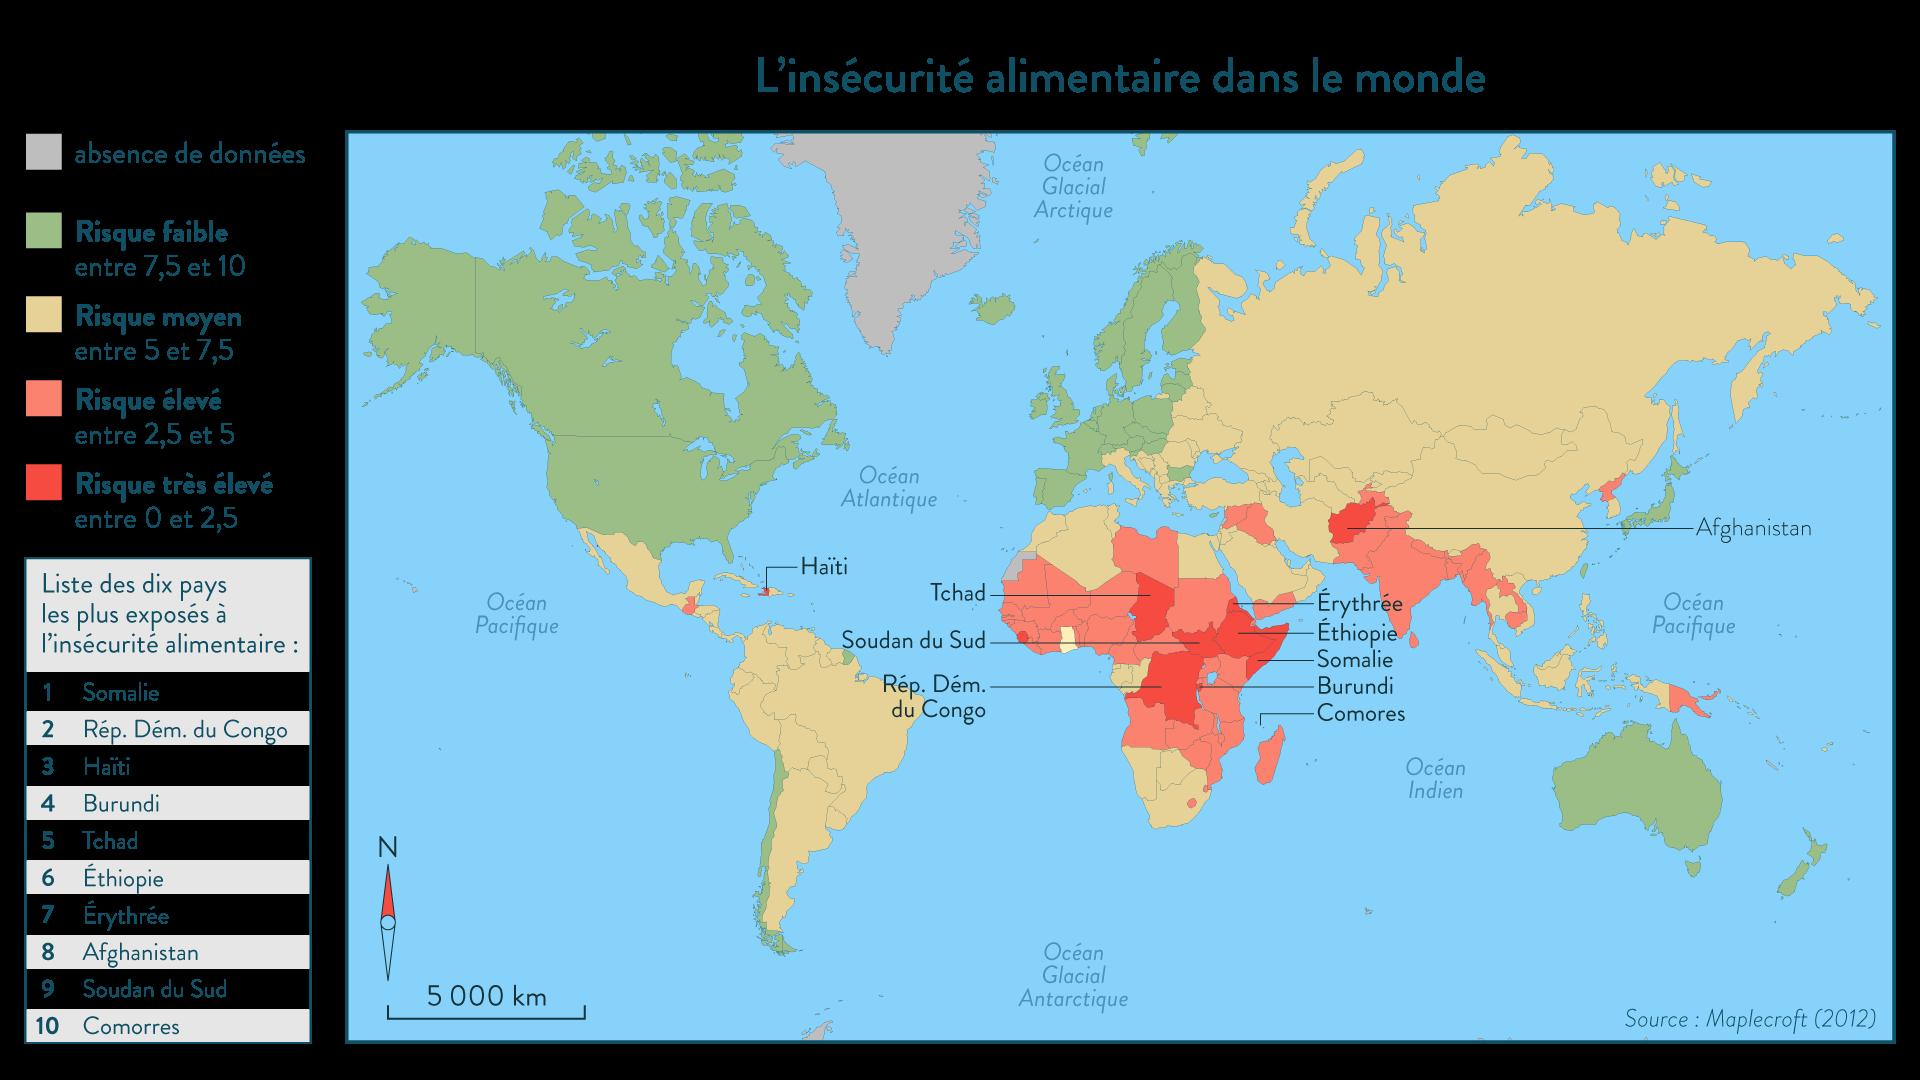 L'insécurité alimentaire dans le monde